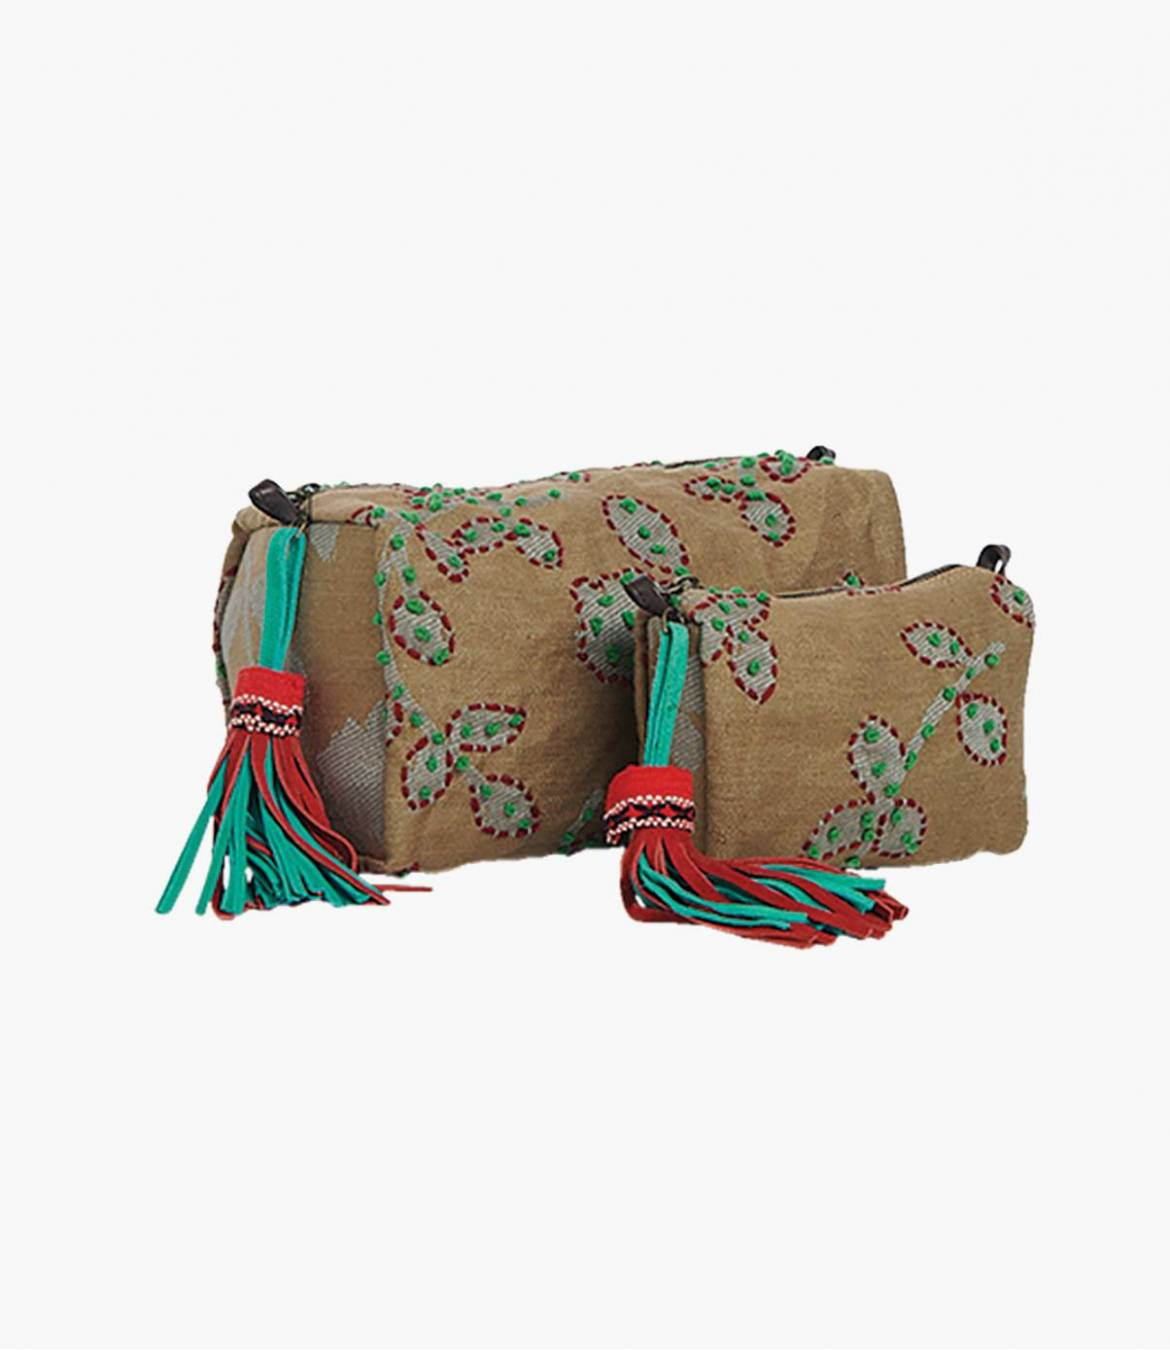 COSM Trousse en Polyester, Coton, Cuir pour Femme 30x14x15 cm et 20x8x12 cm Storiatipic - 1